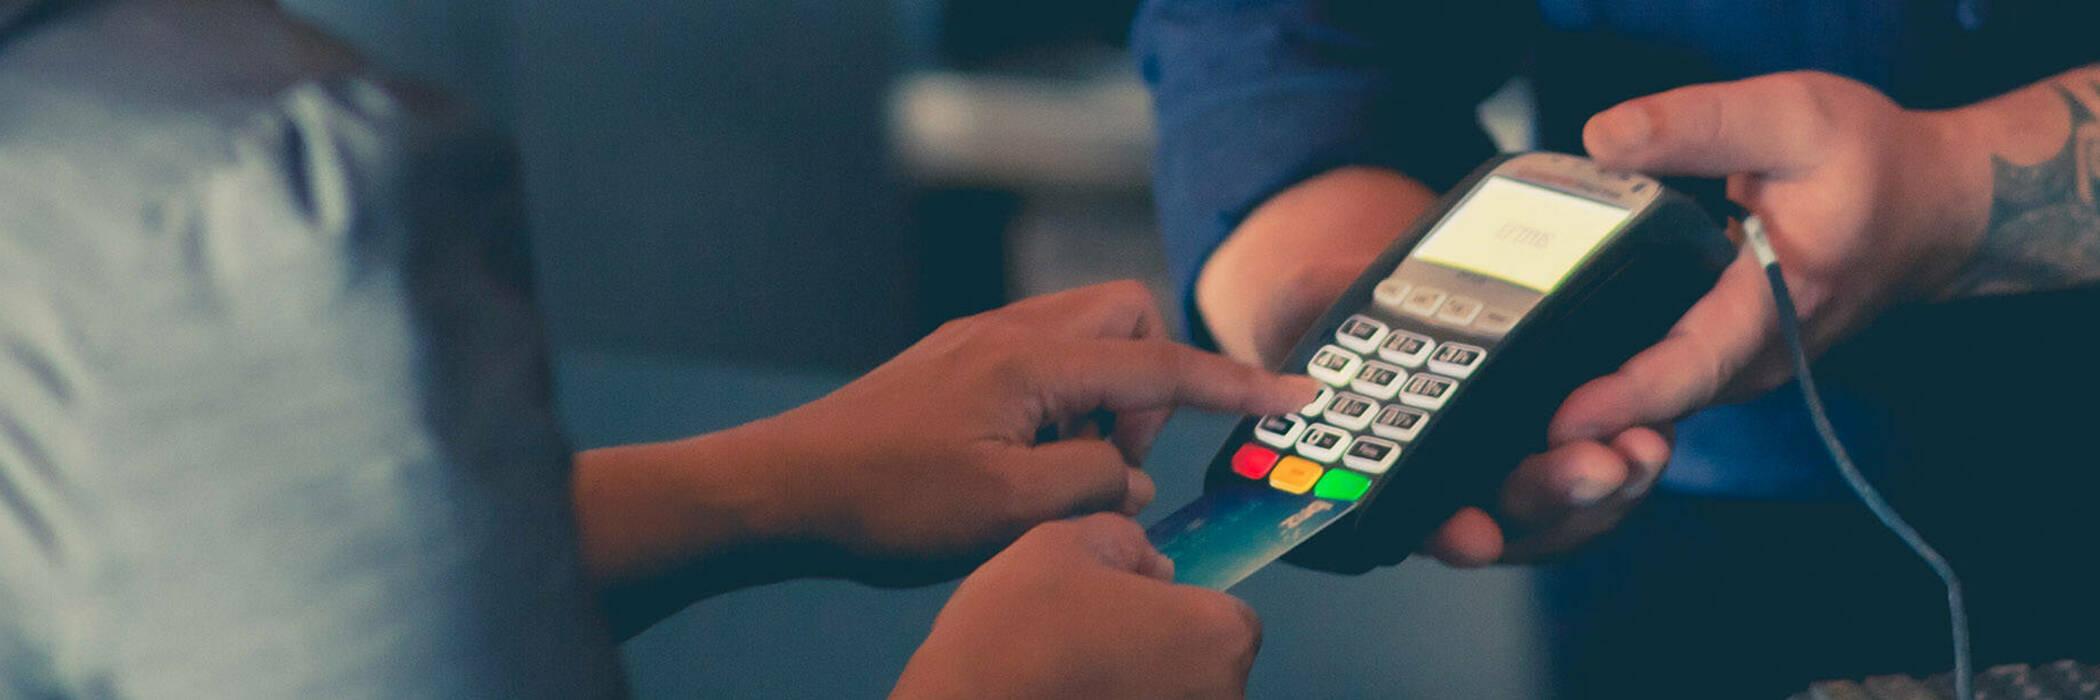 Customer paying by EFTPOS machine